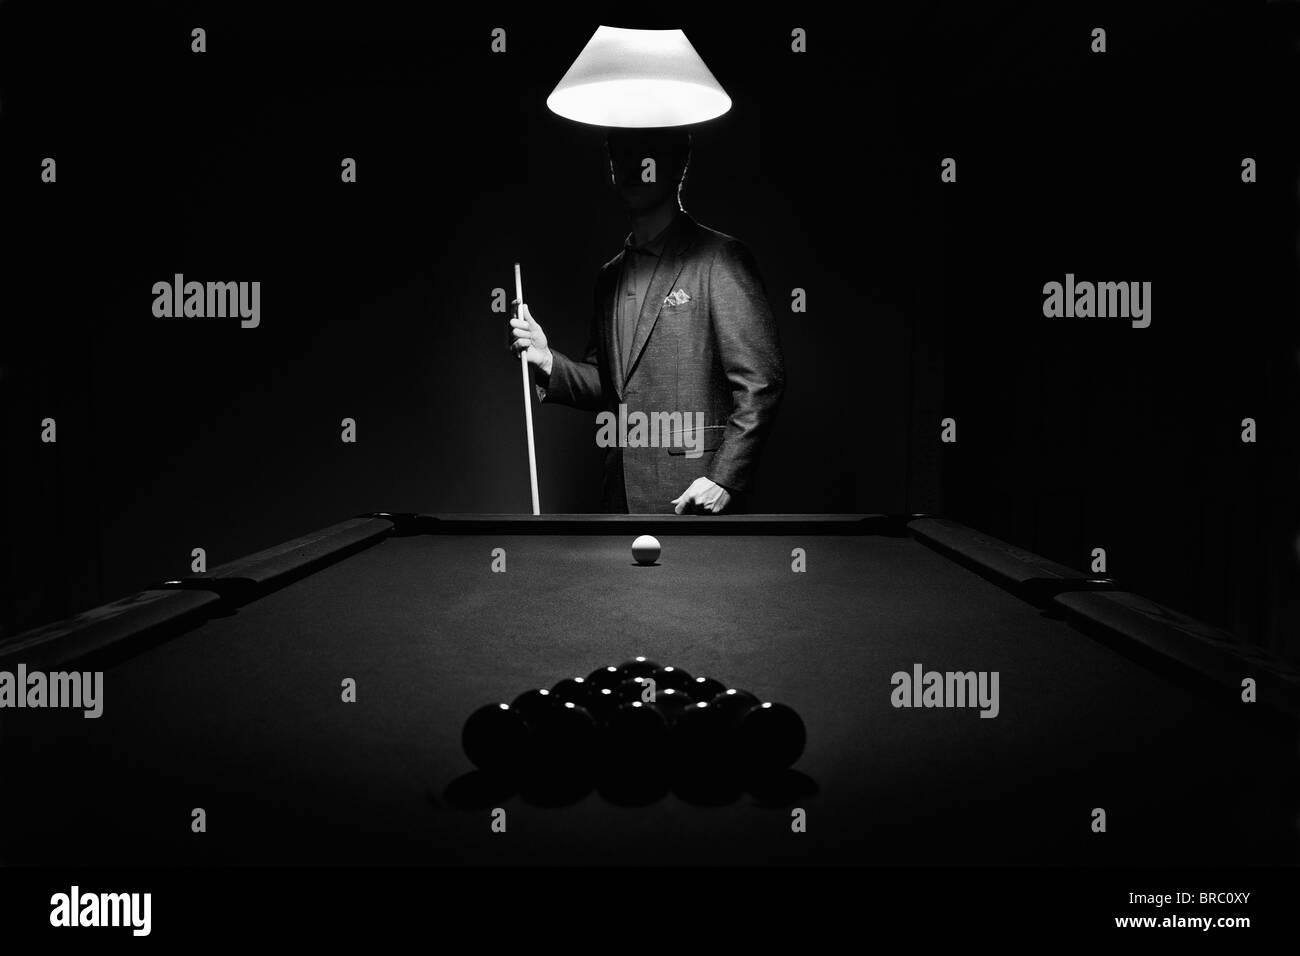 Misterio Pool jugador detrás de Rack de bolas de billar, Edmonton, Alberta, Canadá Imagen De Stock